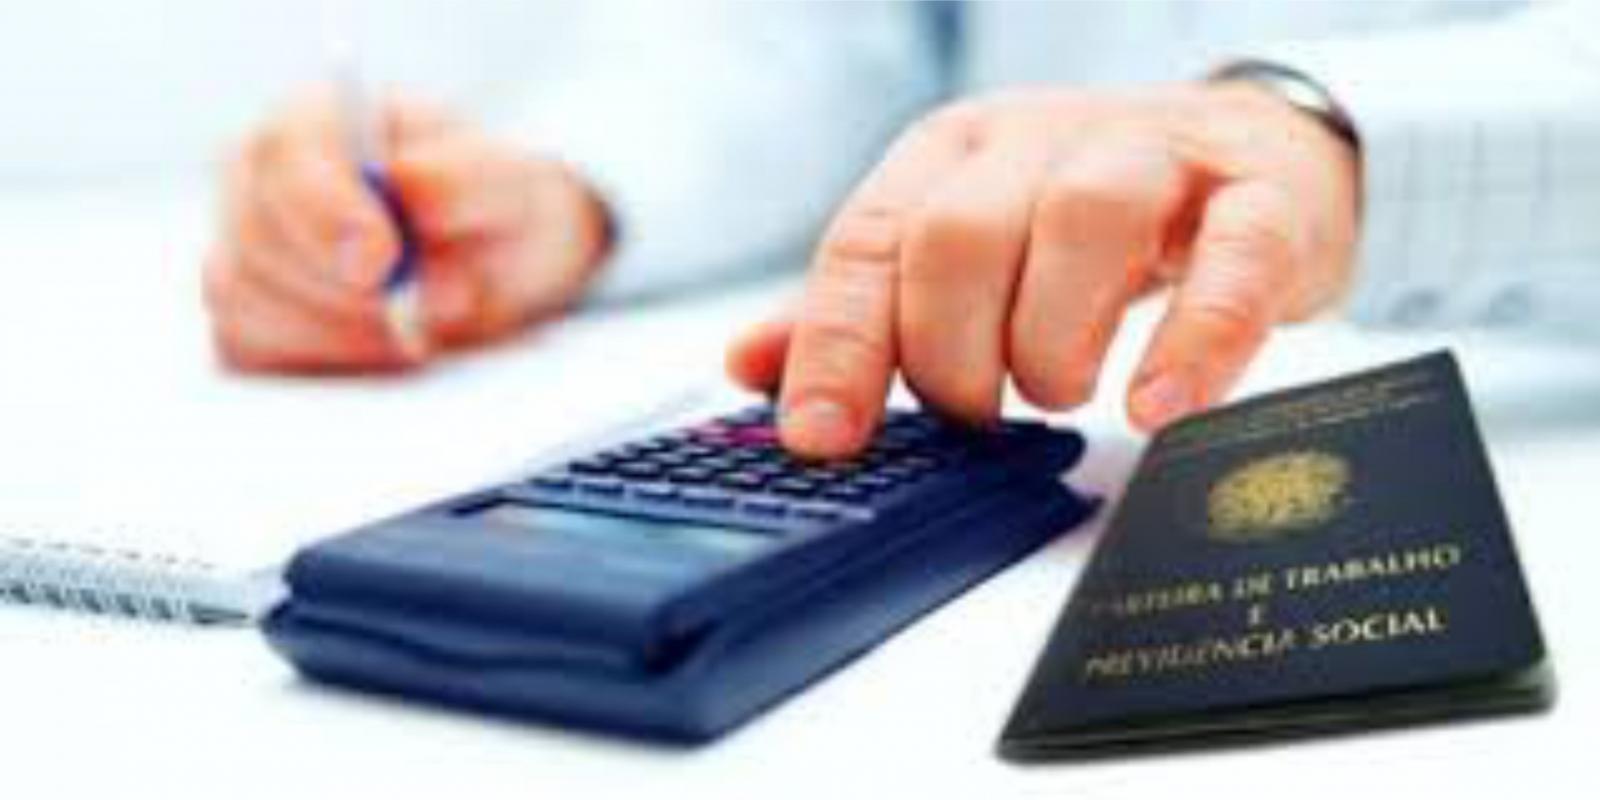 Processos que discutem correção de débitos trabalhistas são suspensos